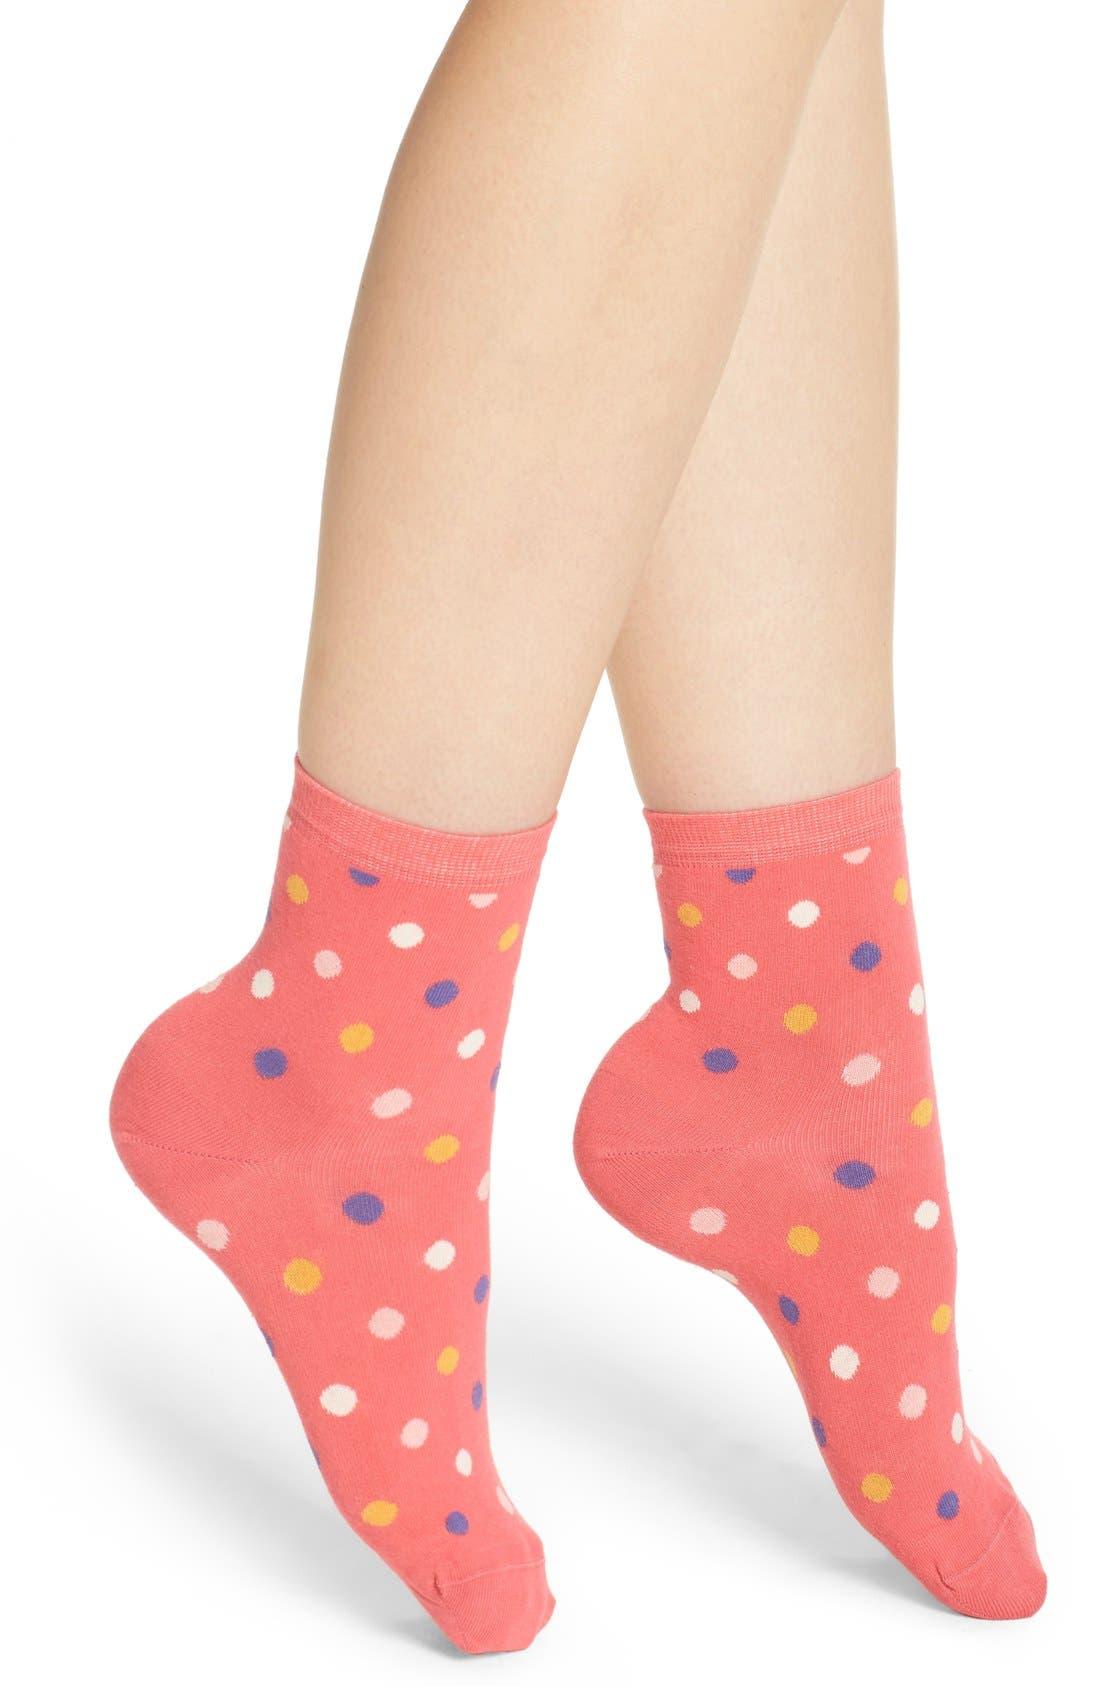 HAPPY SOCKS Polka Dot Crew Socks